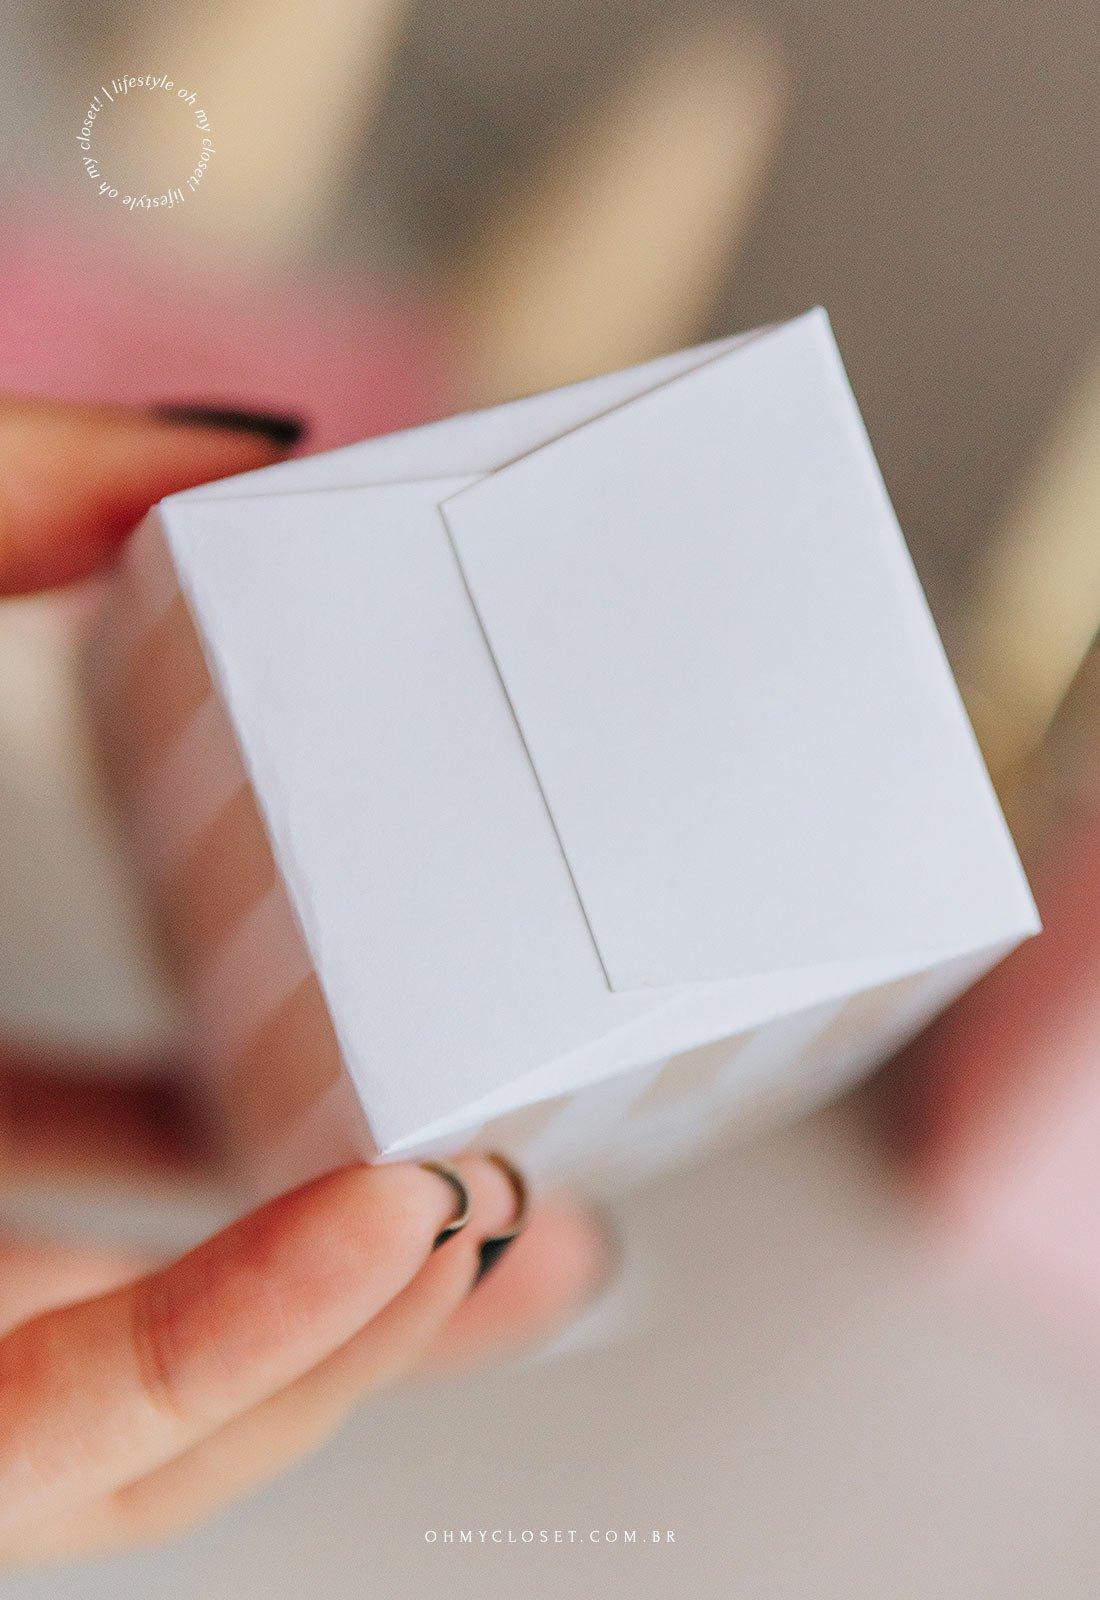 Fundo do mini balde de pipoca em papel fechado e colado.